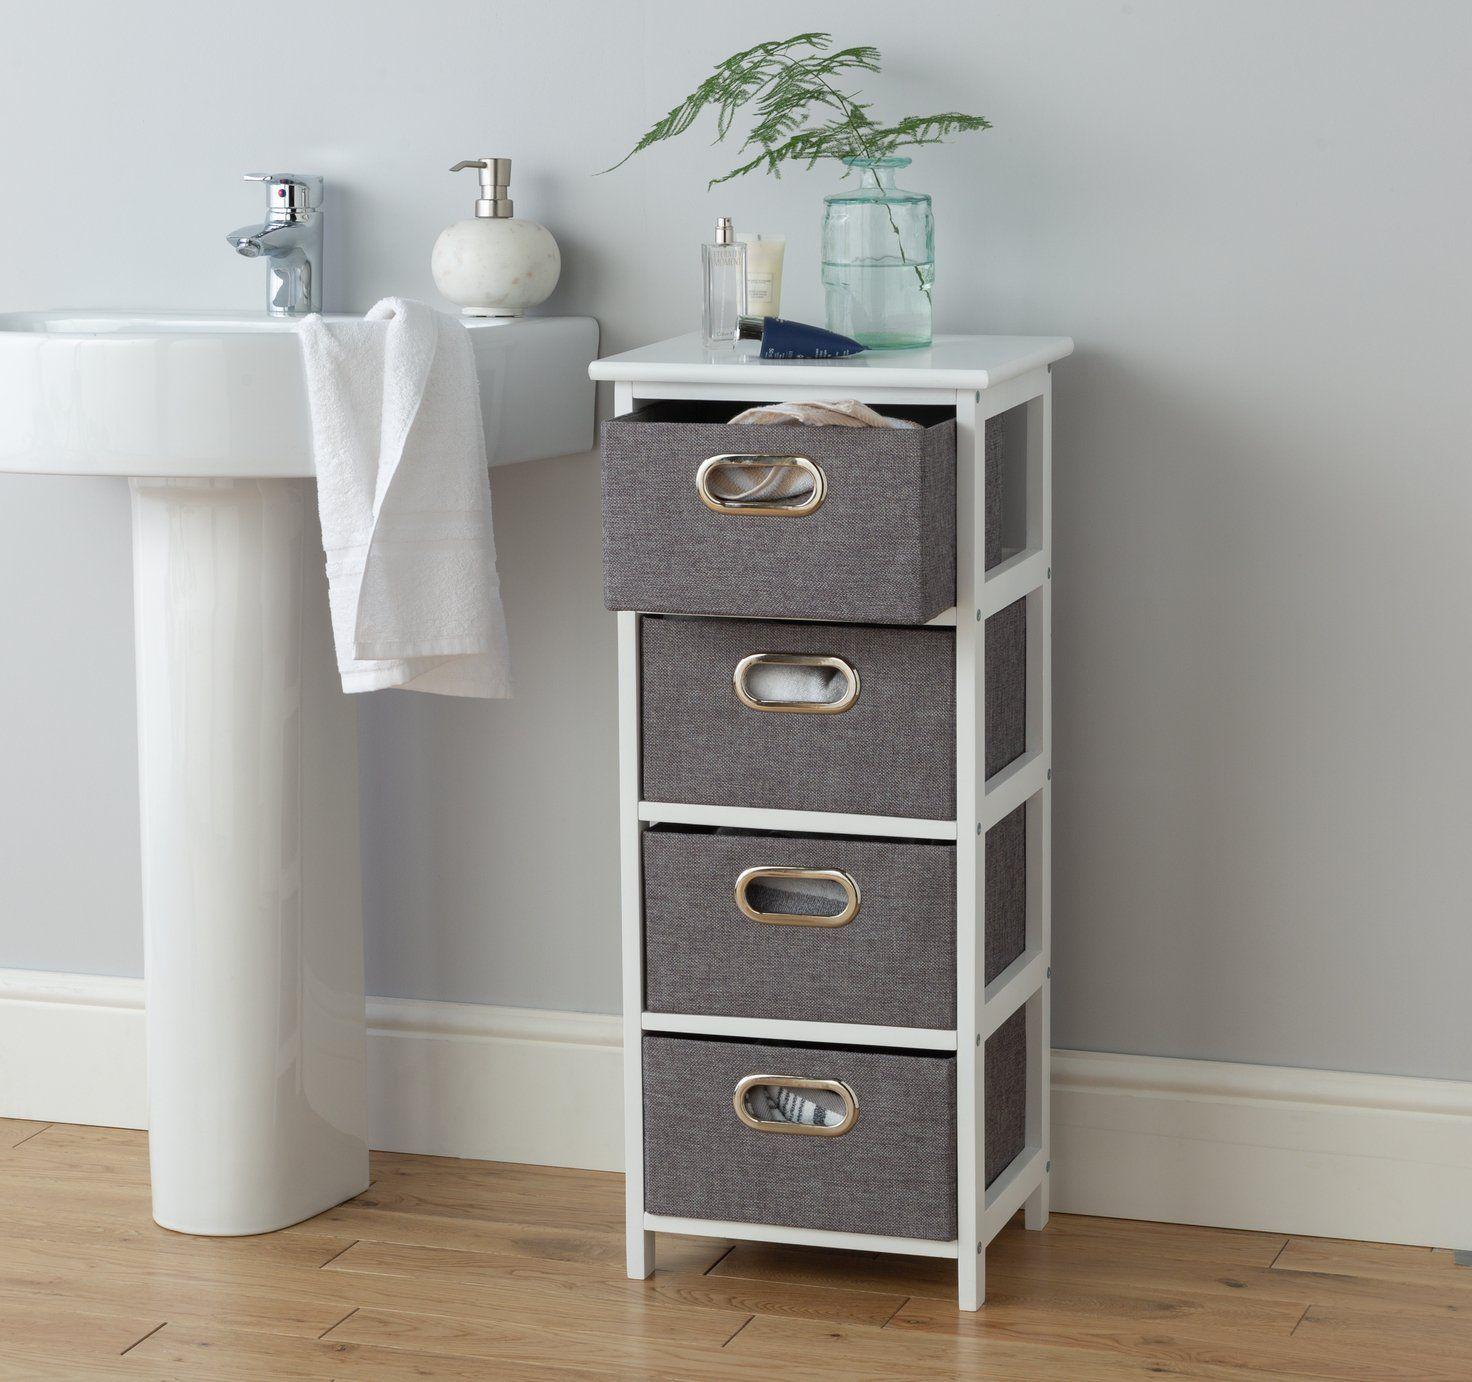 Buy Argos Home 4 Drawer Bathroom Storage Unit - Grey ...